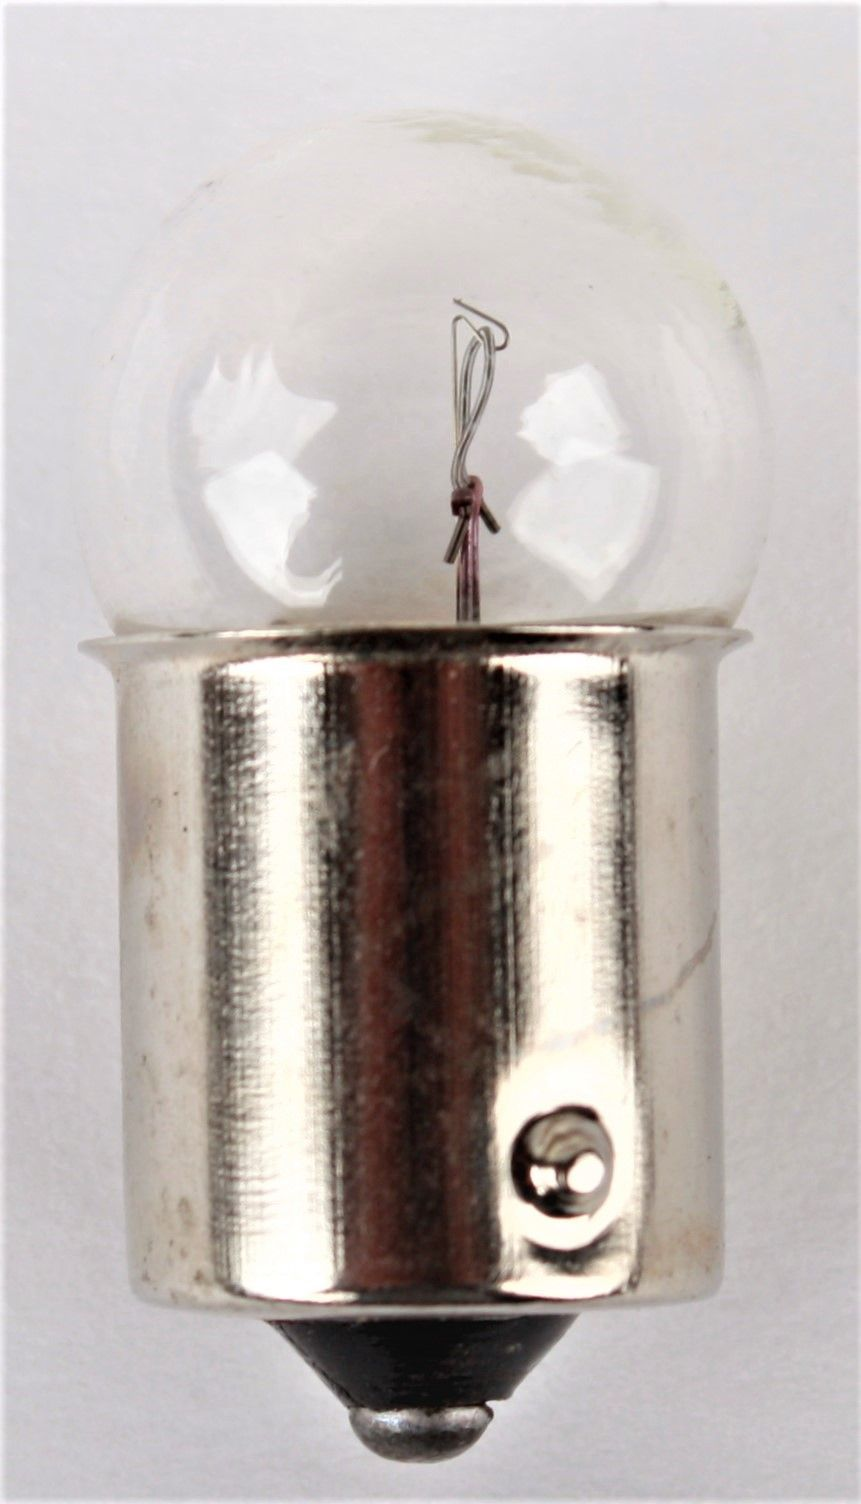 elektrokolobezka-zarovka